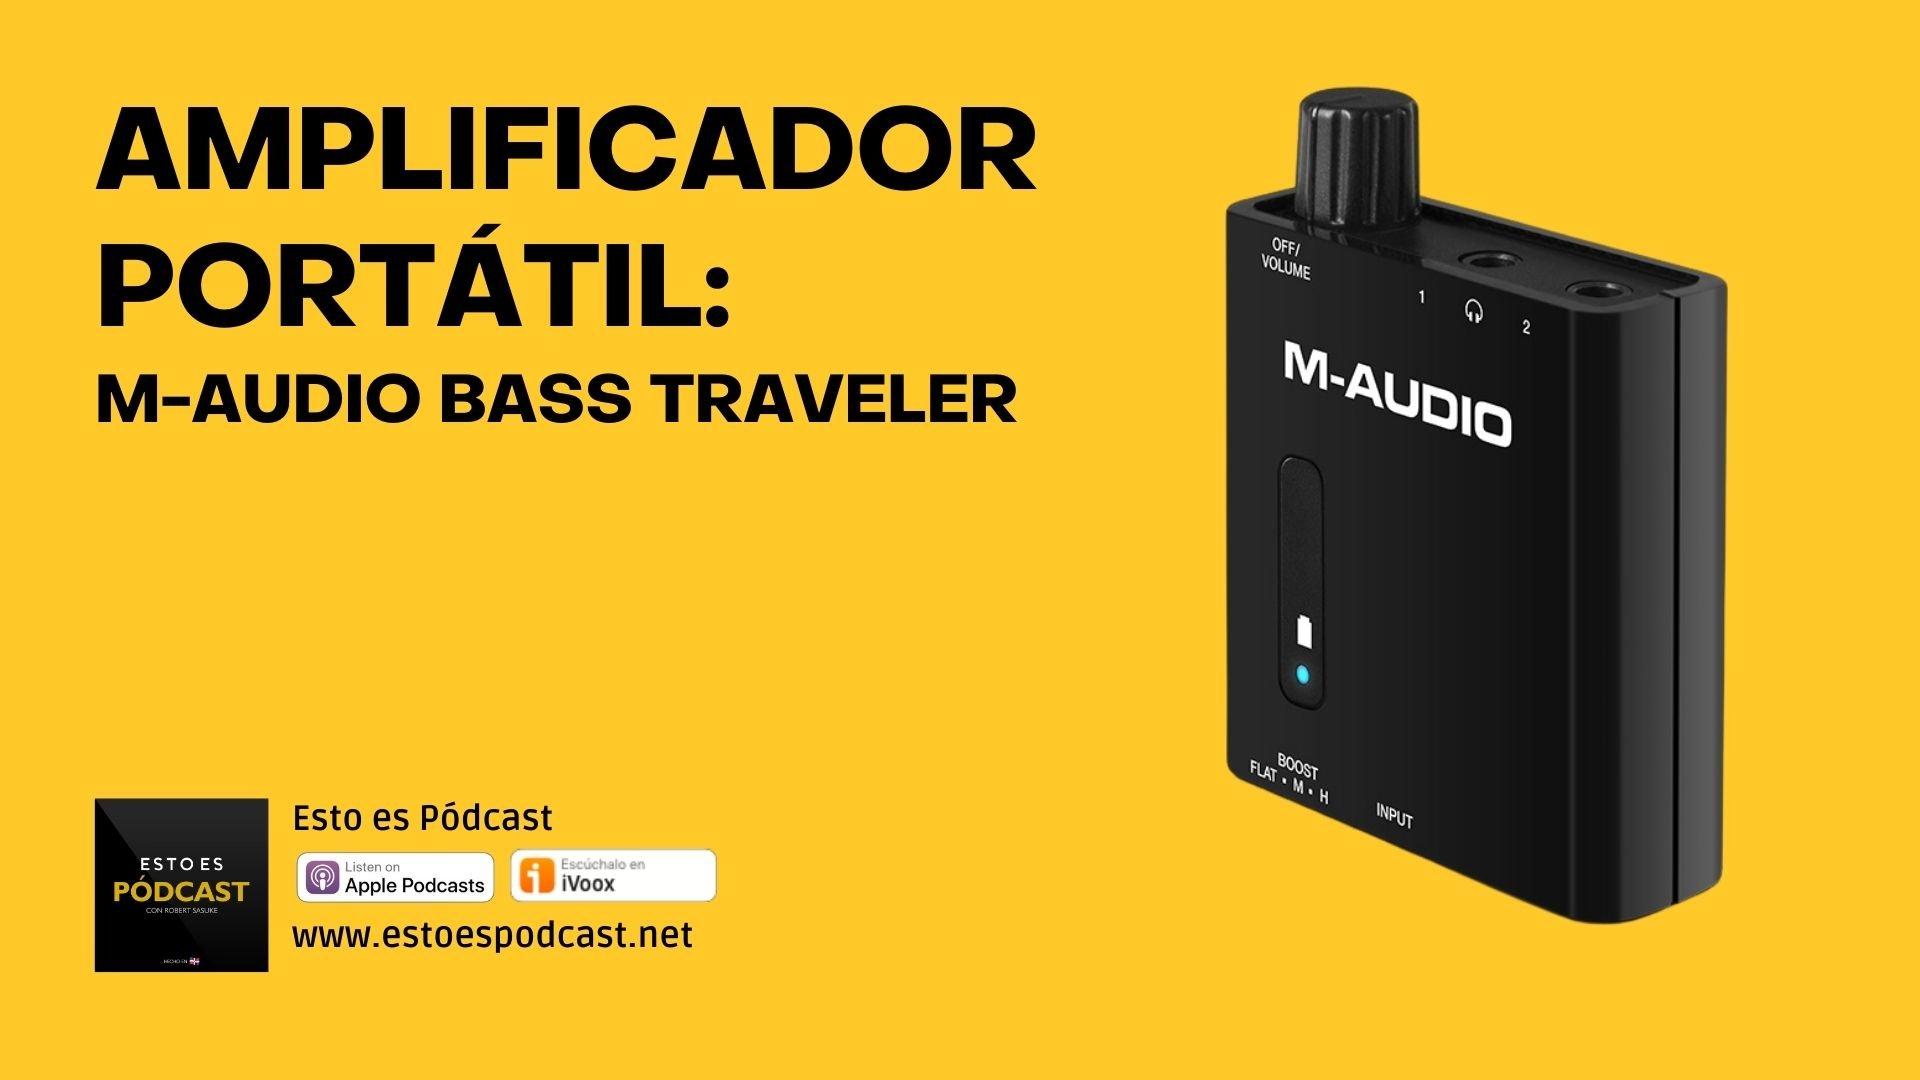 Amplificador para 2 auriculares: M-audio Bass Traveler